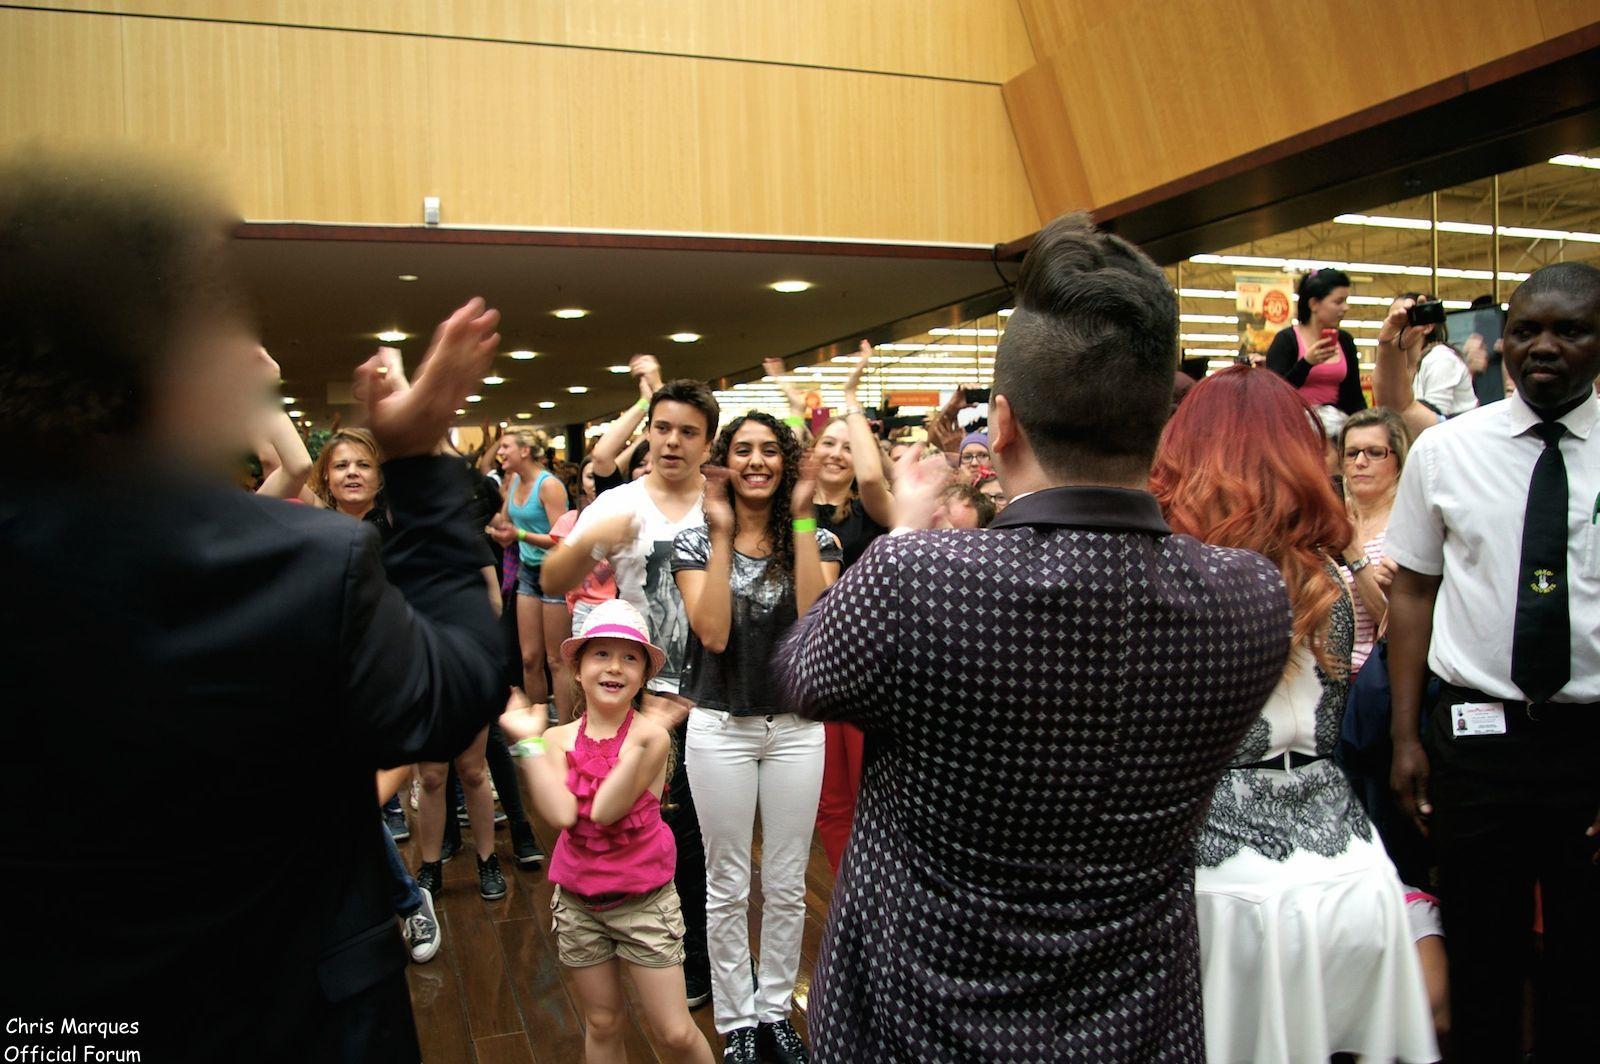 [14.06.2014] Evénement à #Colmar Chris Marques et Jaclyn Spencer pour un Flashmob/Cours de Danse/Dédicaces exceptionnels le tout organisé par la MJC de Colmar 2112